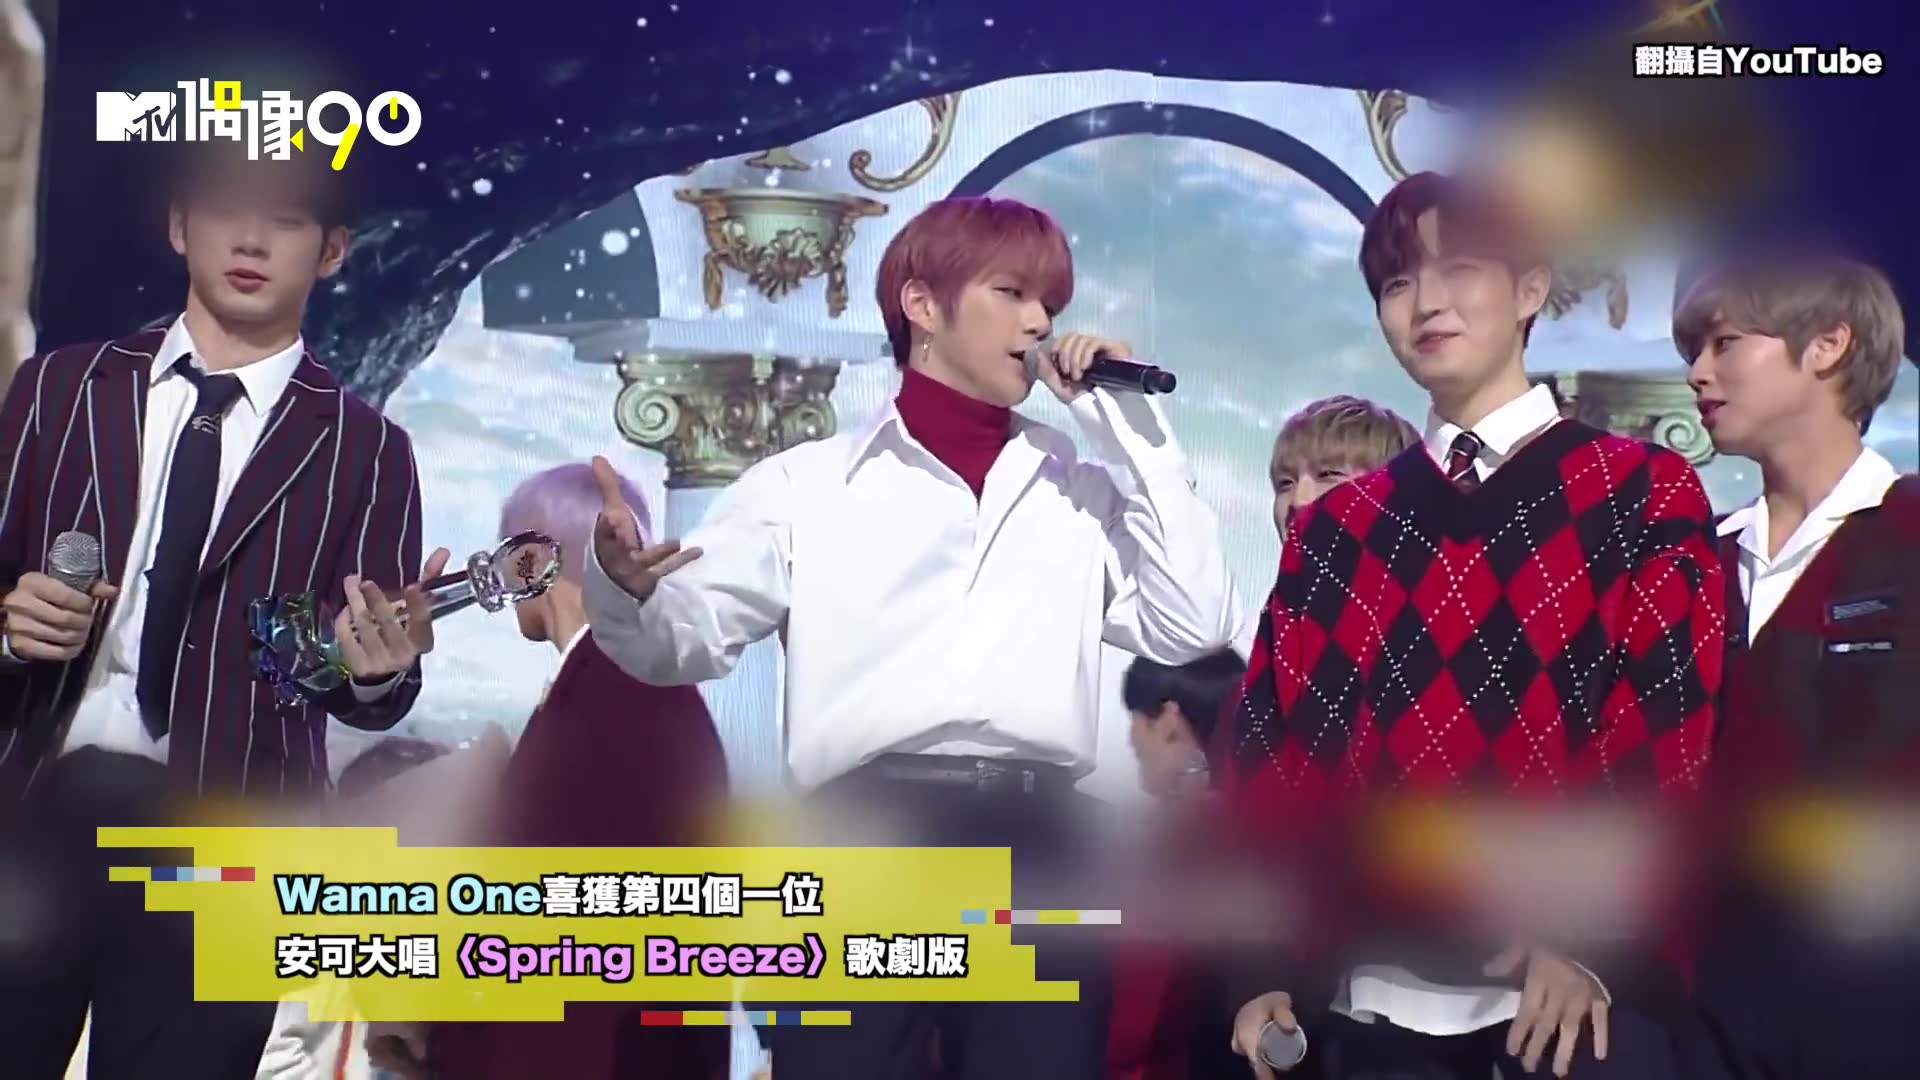 可爱度100 Wanna One再得一位飆唱spring Breeze 春风 歌剧版 哔哩哔哩